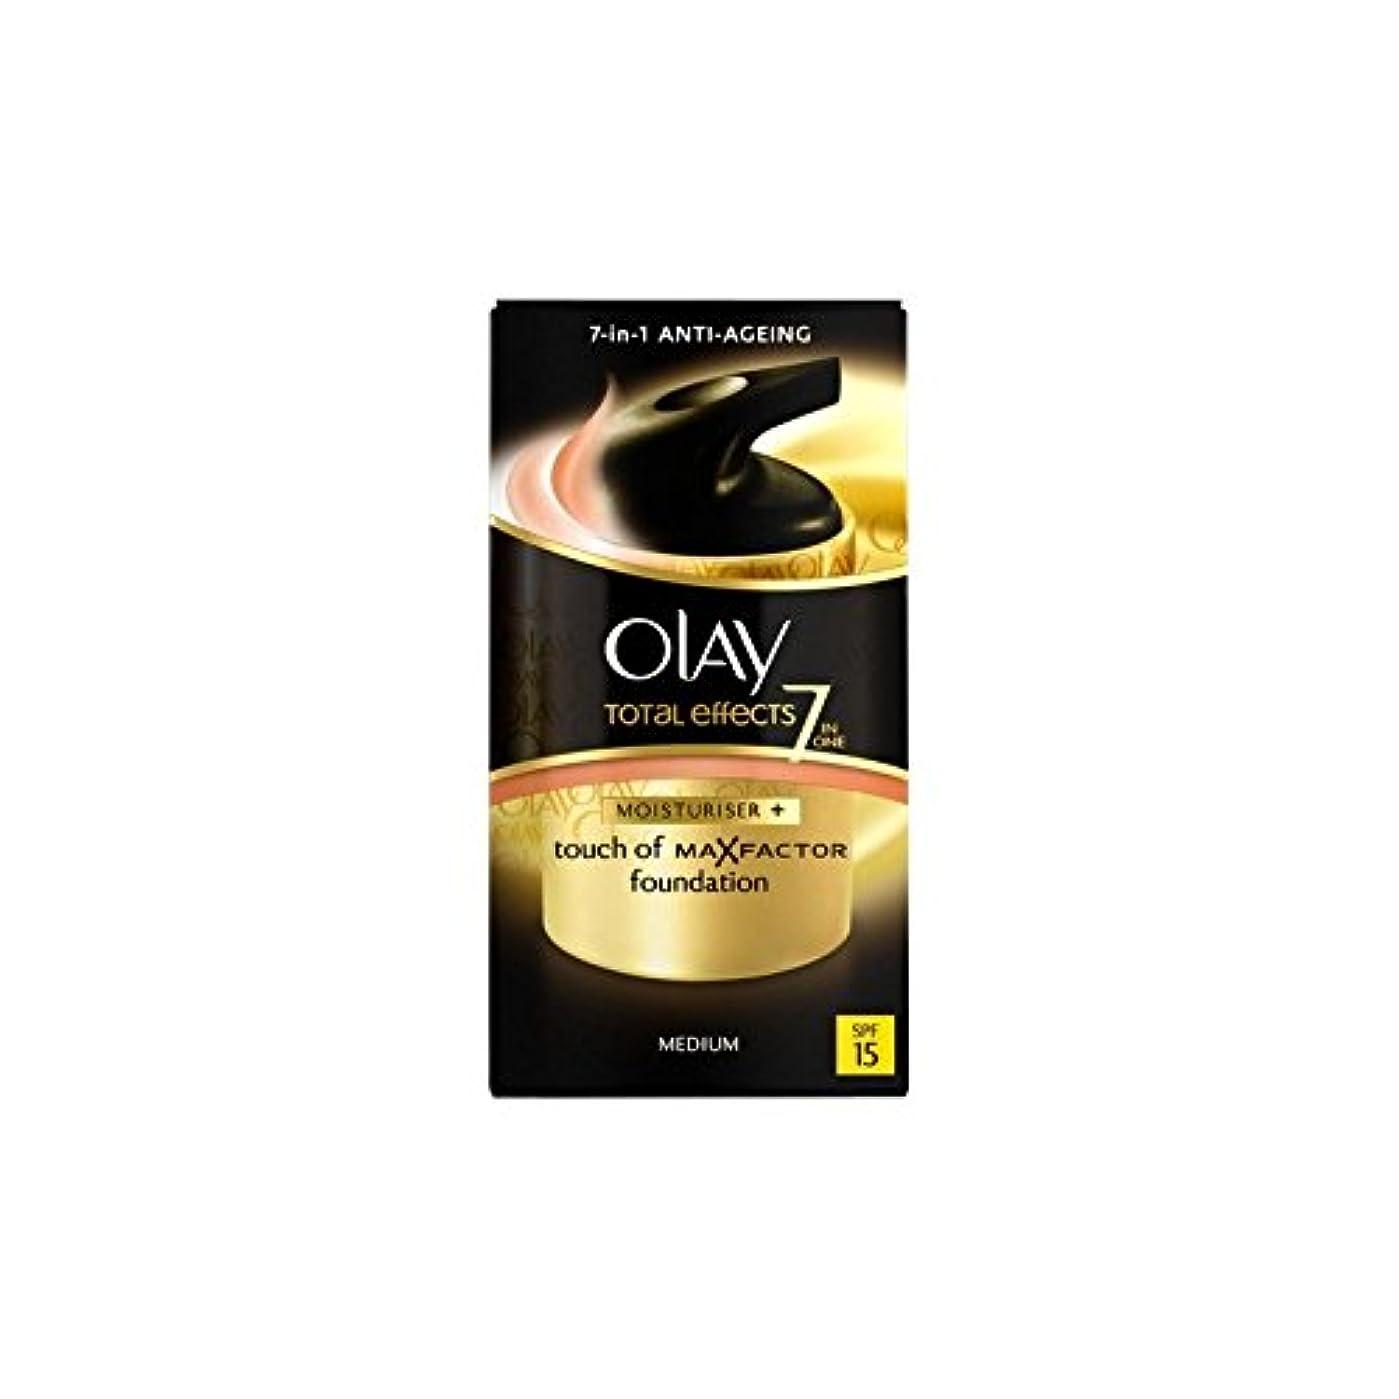 スロベニア予防接種懐疑論オーレイトータルエフェクト保湿クリーム15 - 培地(50ミリリットル) x2 - Olay Total Effects Moisturiser Bb Cream Spf15 - Medium (50ml) (Pack of 2) [並行輸入品]